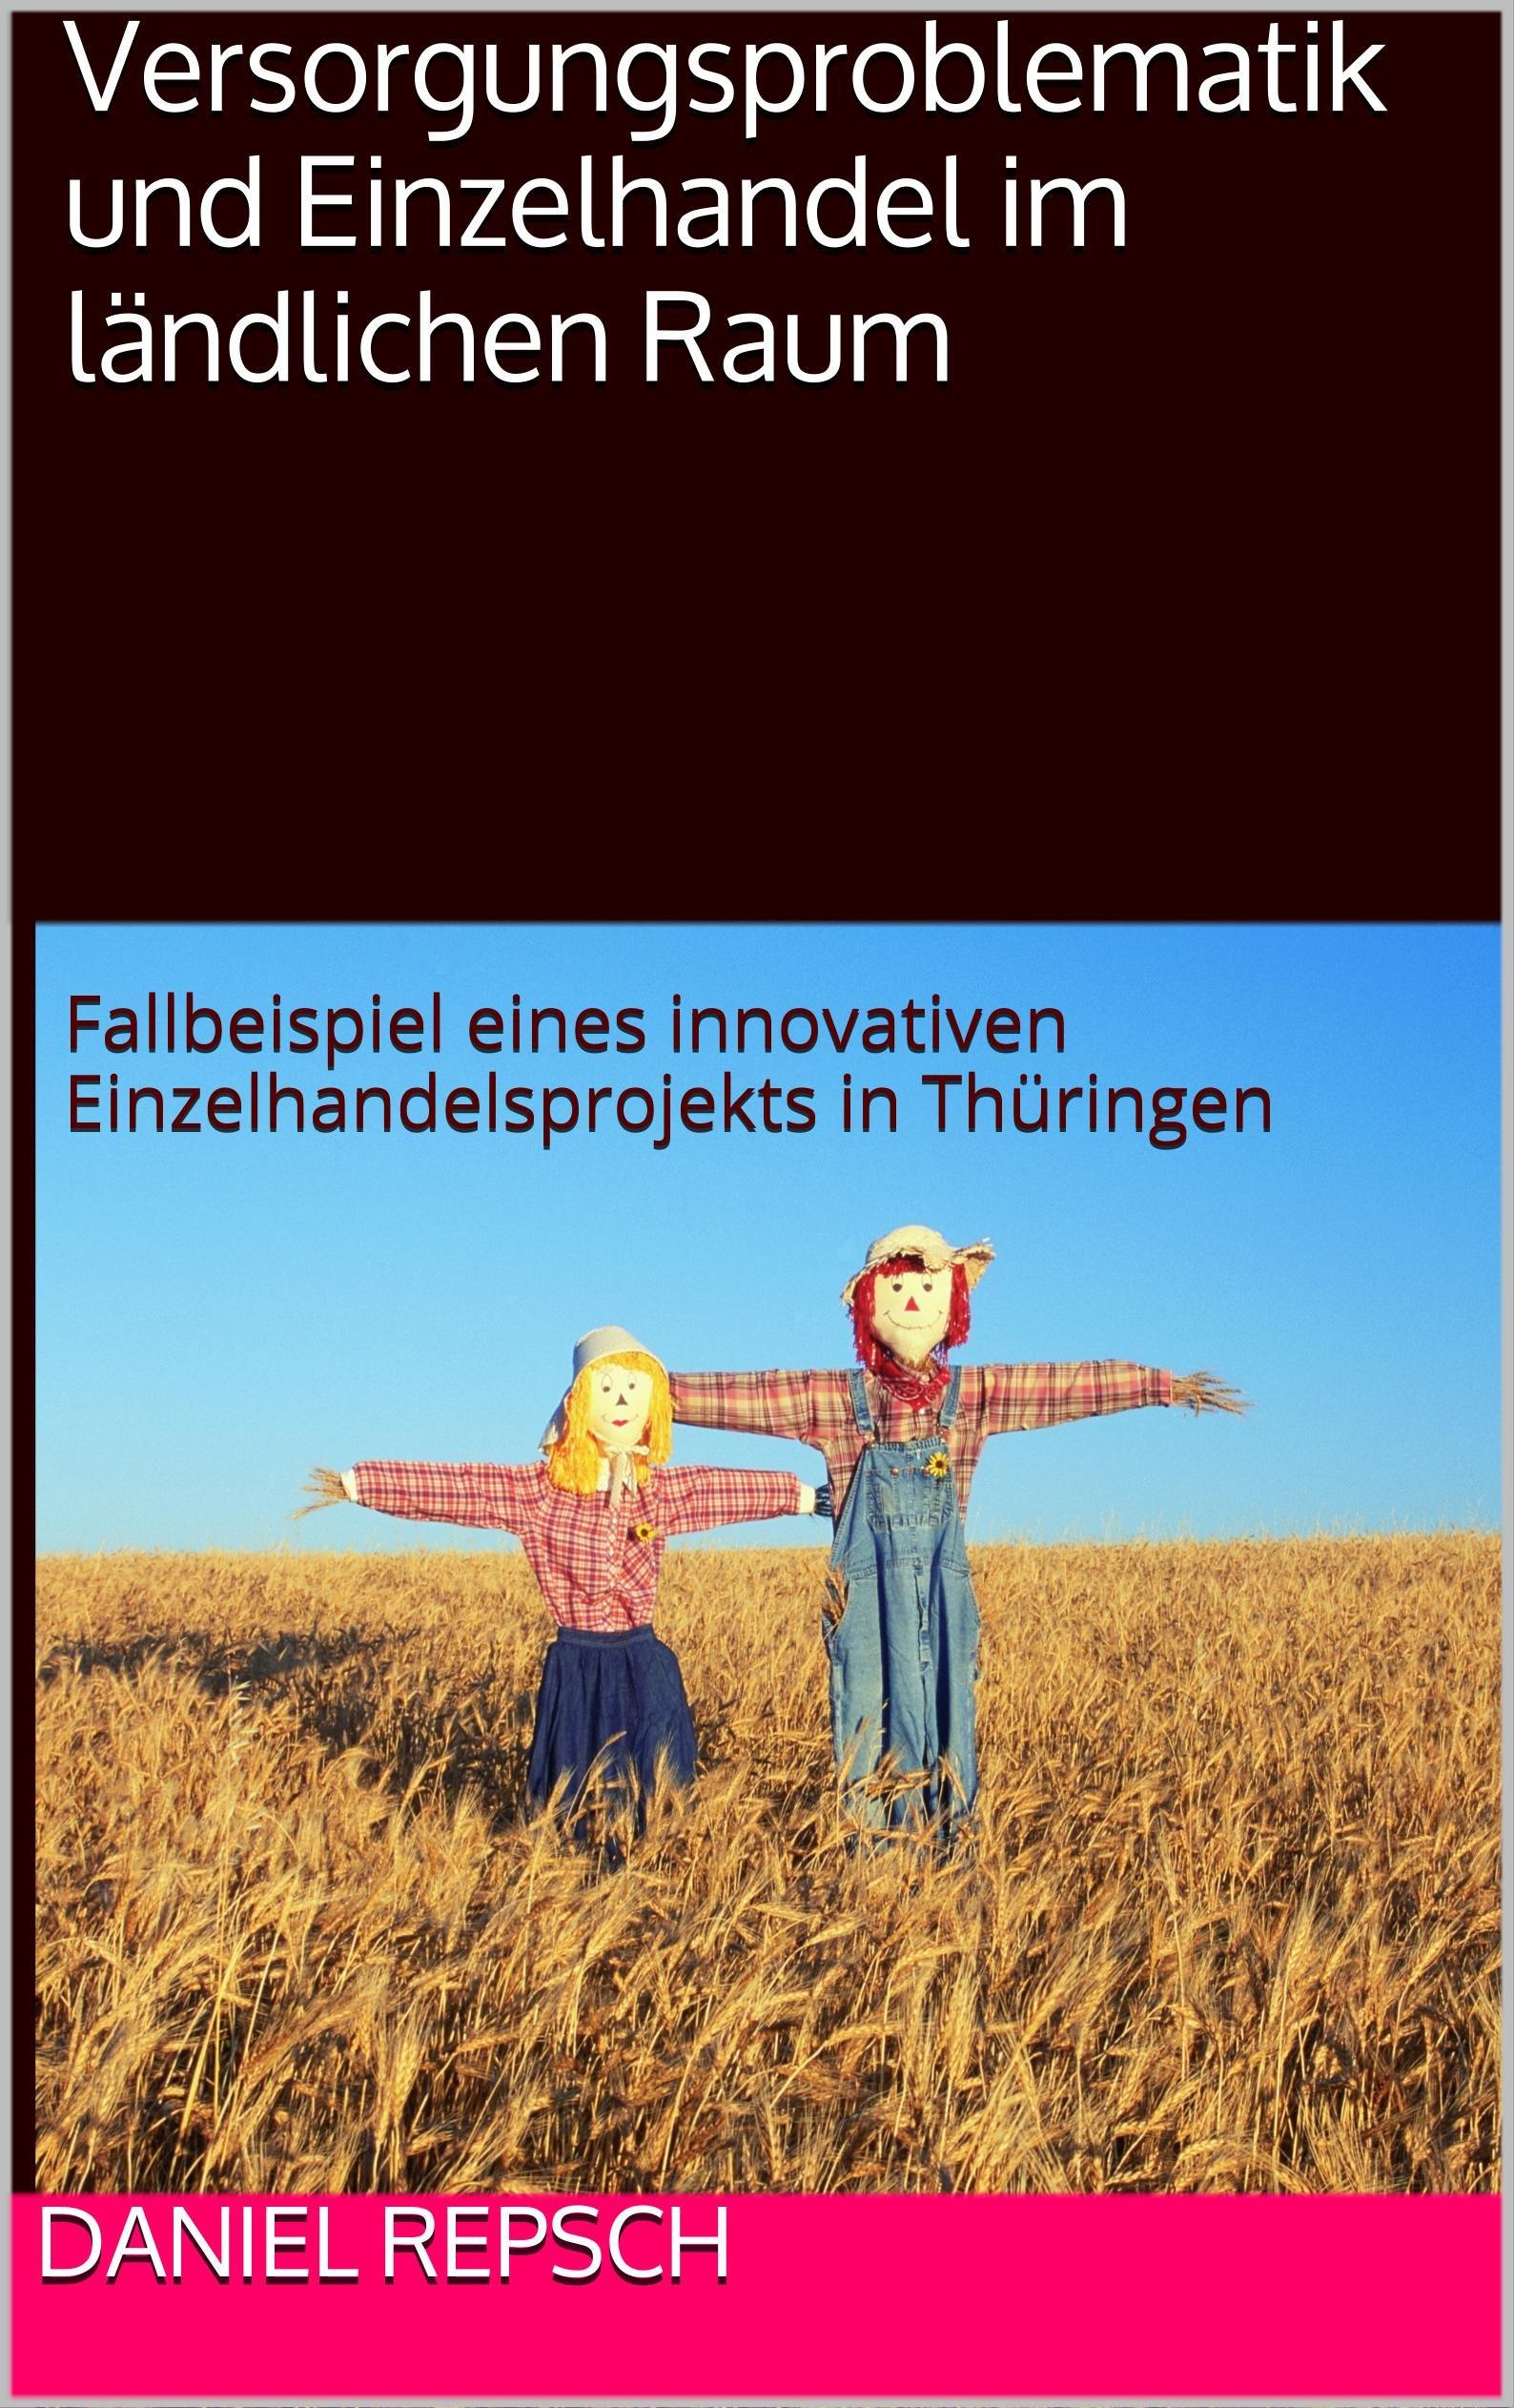 Versorgungsproblematik und Einzelhandel im ländlichen Raum: Fallbeispiel eines innovativen Einzelhandelsprojekts in Thüringen (German Edition)